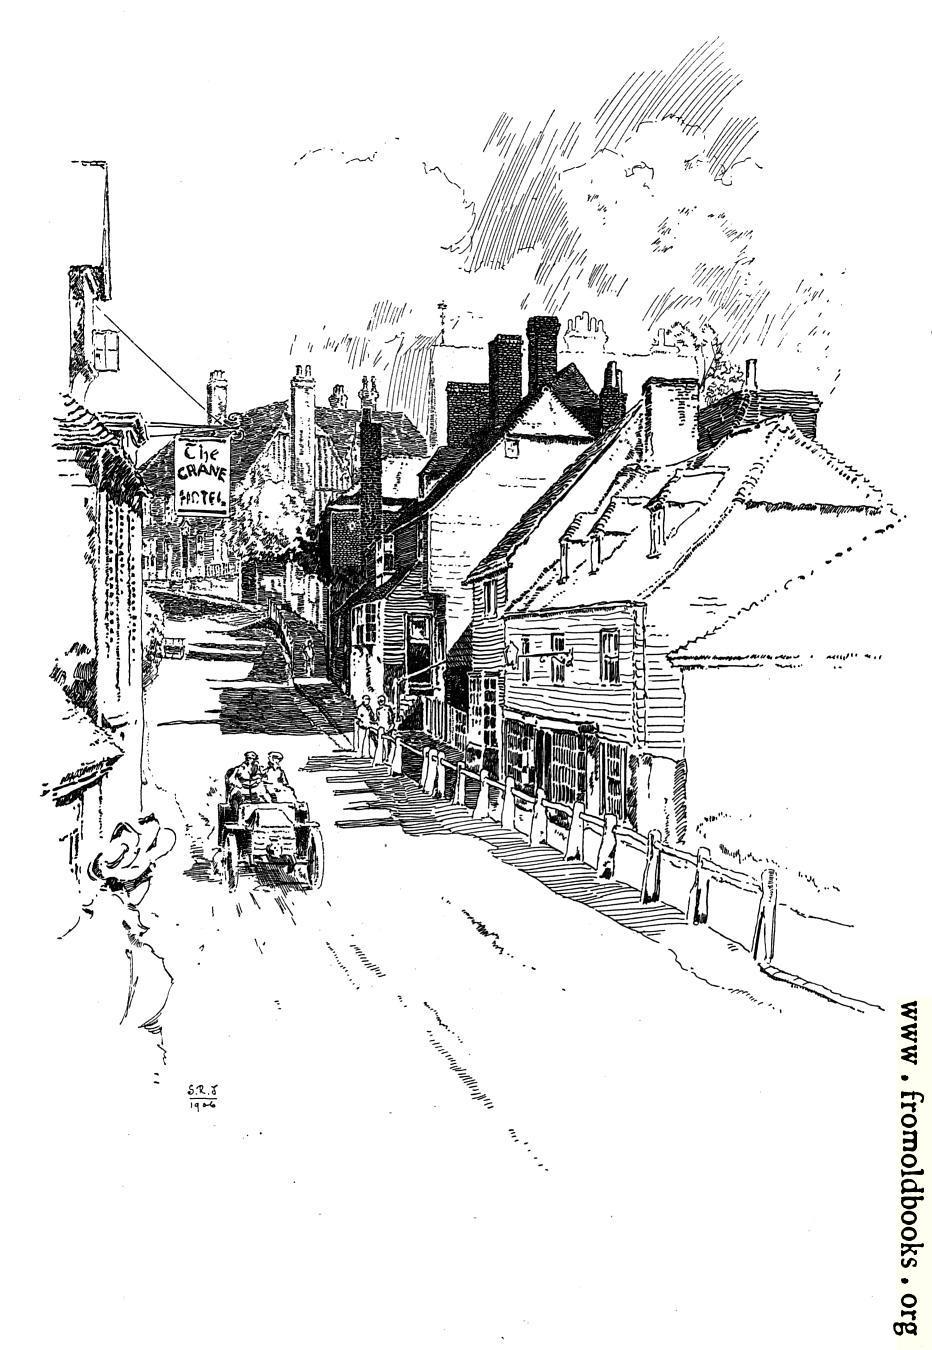 Cranbrook, Kent [image 524x759 pixels 75]